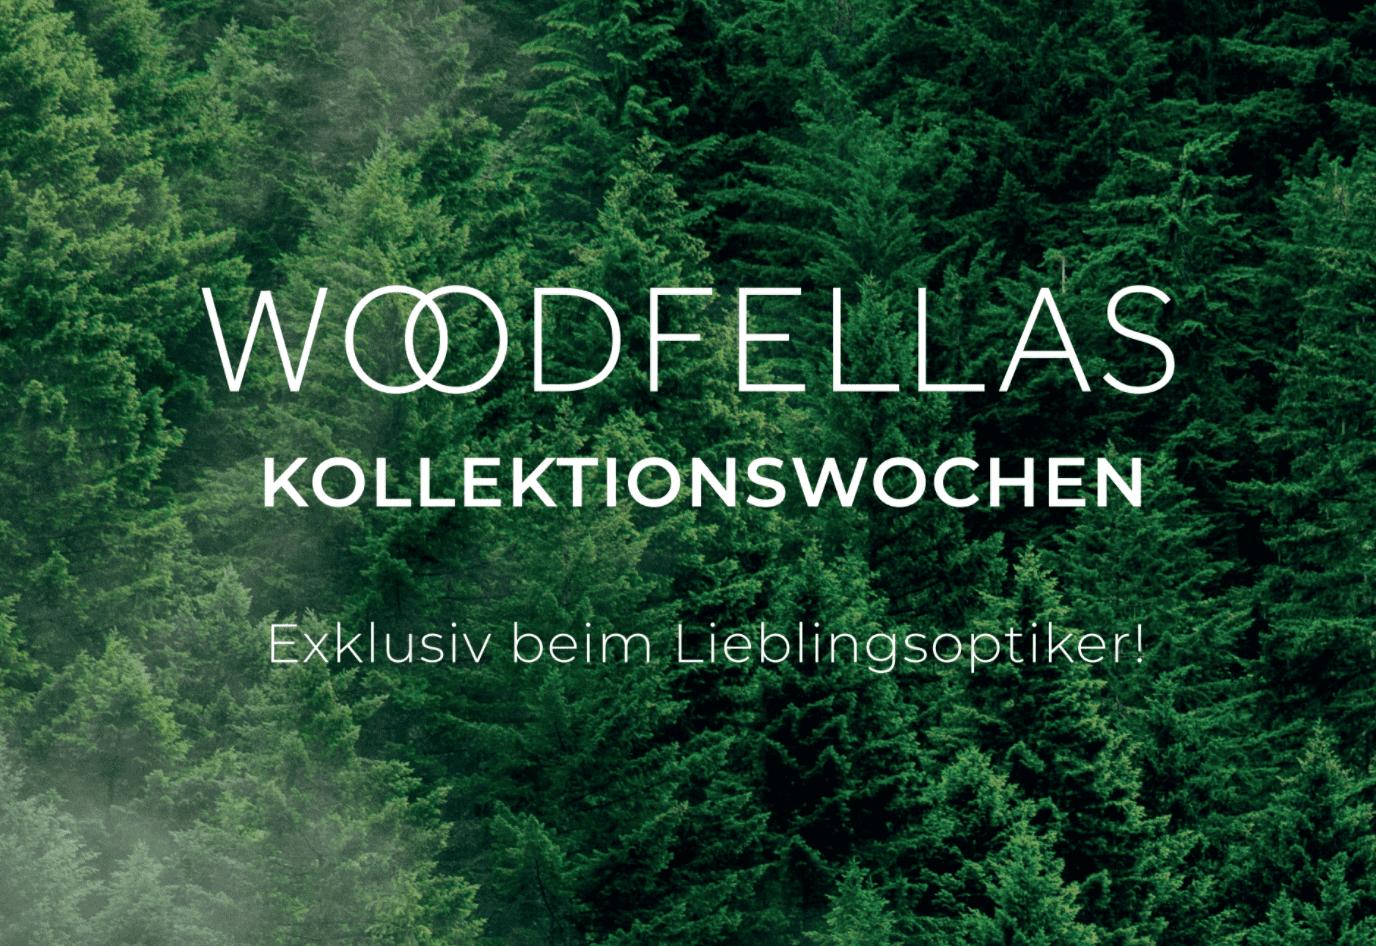 Optiko by Schütt - Brillenmode in Hamburg - WOODFELLAS - Kollektionswochen